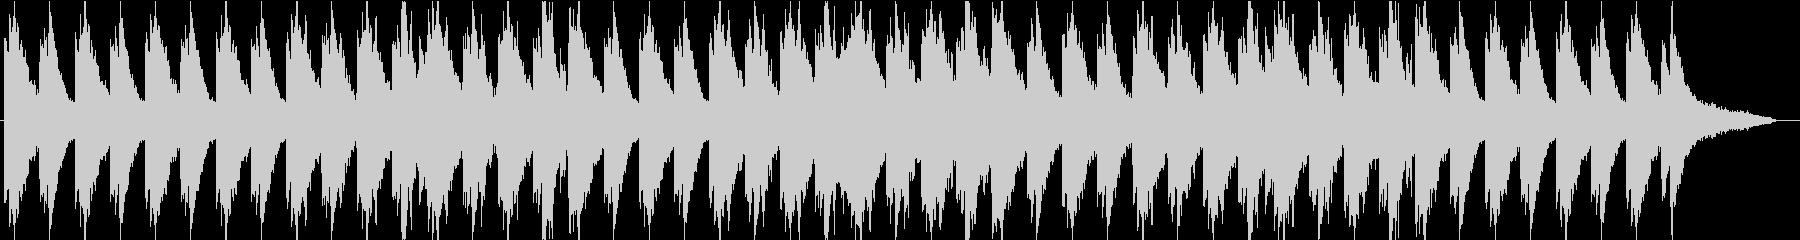 ピアノがメインの落ち着いたBGMの未再生の波形